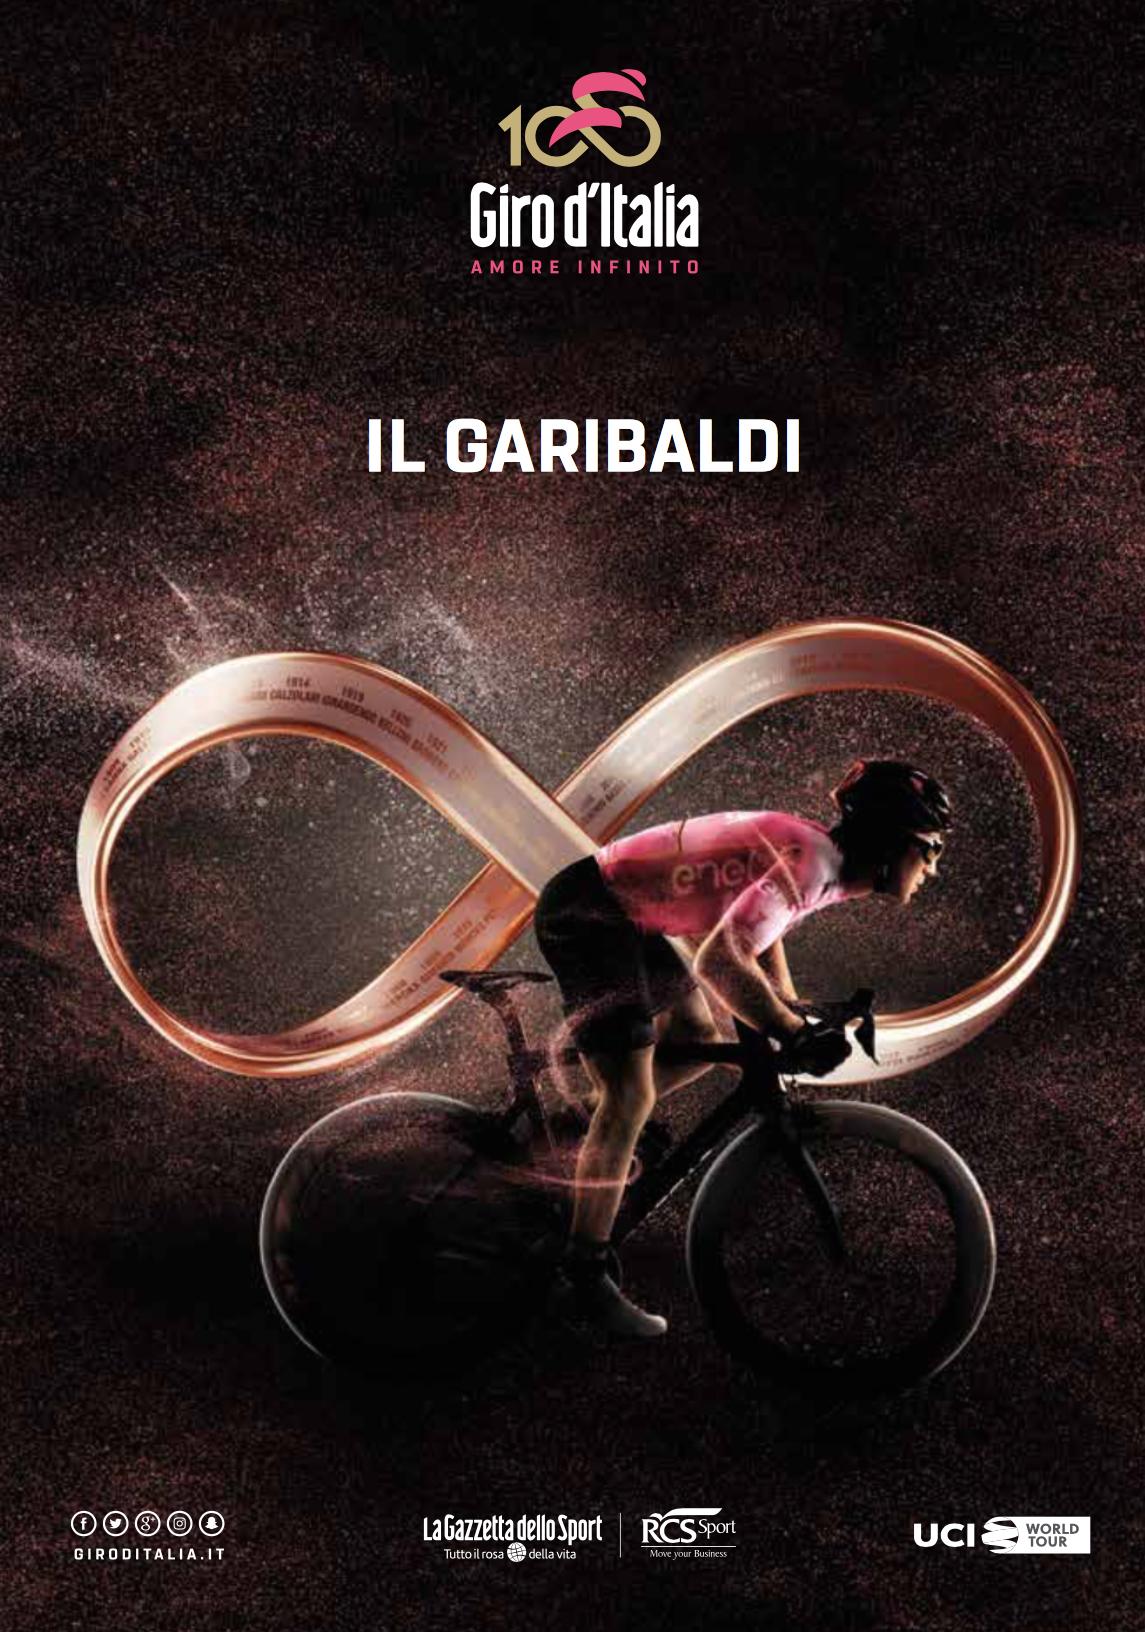 Il Garibaldi del Giro d'Italia 2017